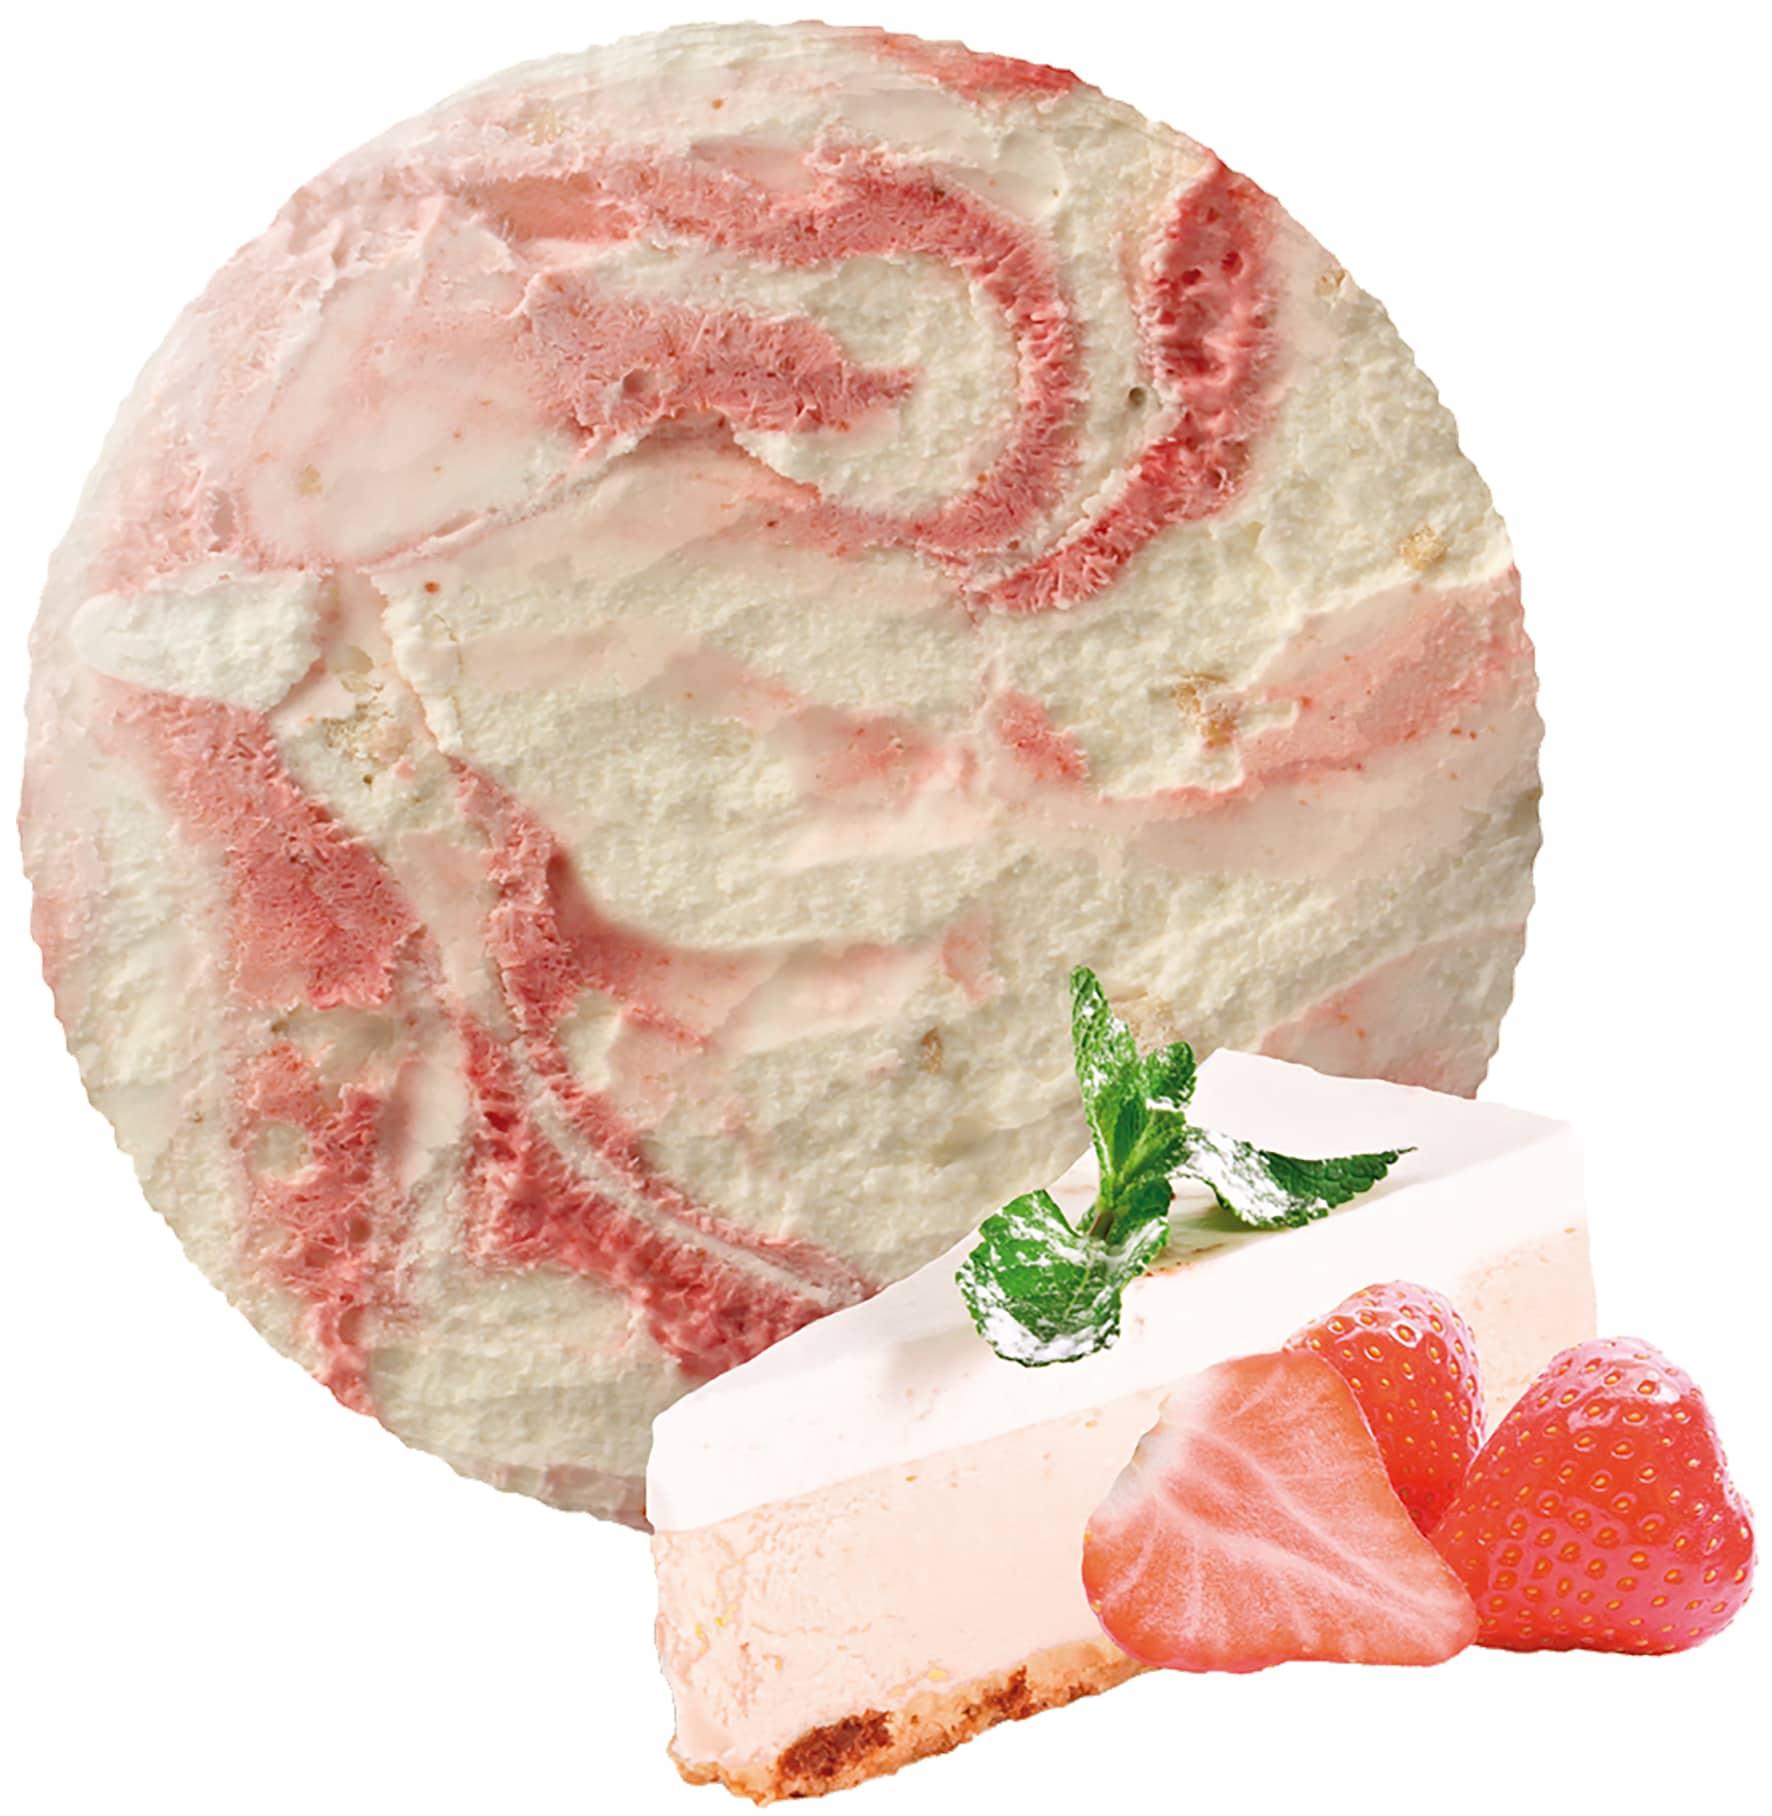 30250171-1_roomijs_strawberry-cheesecake